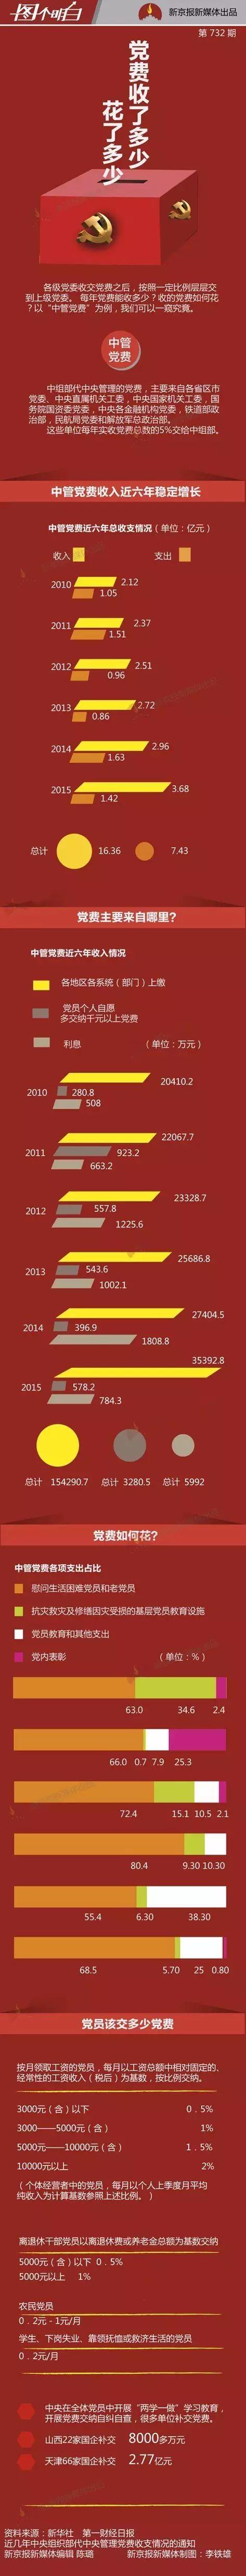 人民日報貼文催黨費了,「沒人催就不交」;去年收了人民幣三億,花到哪兒去了?